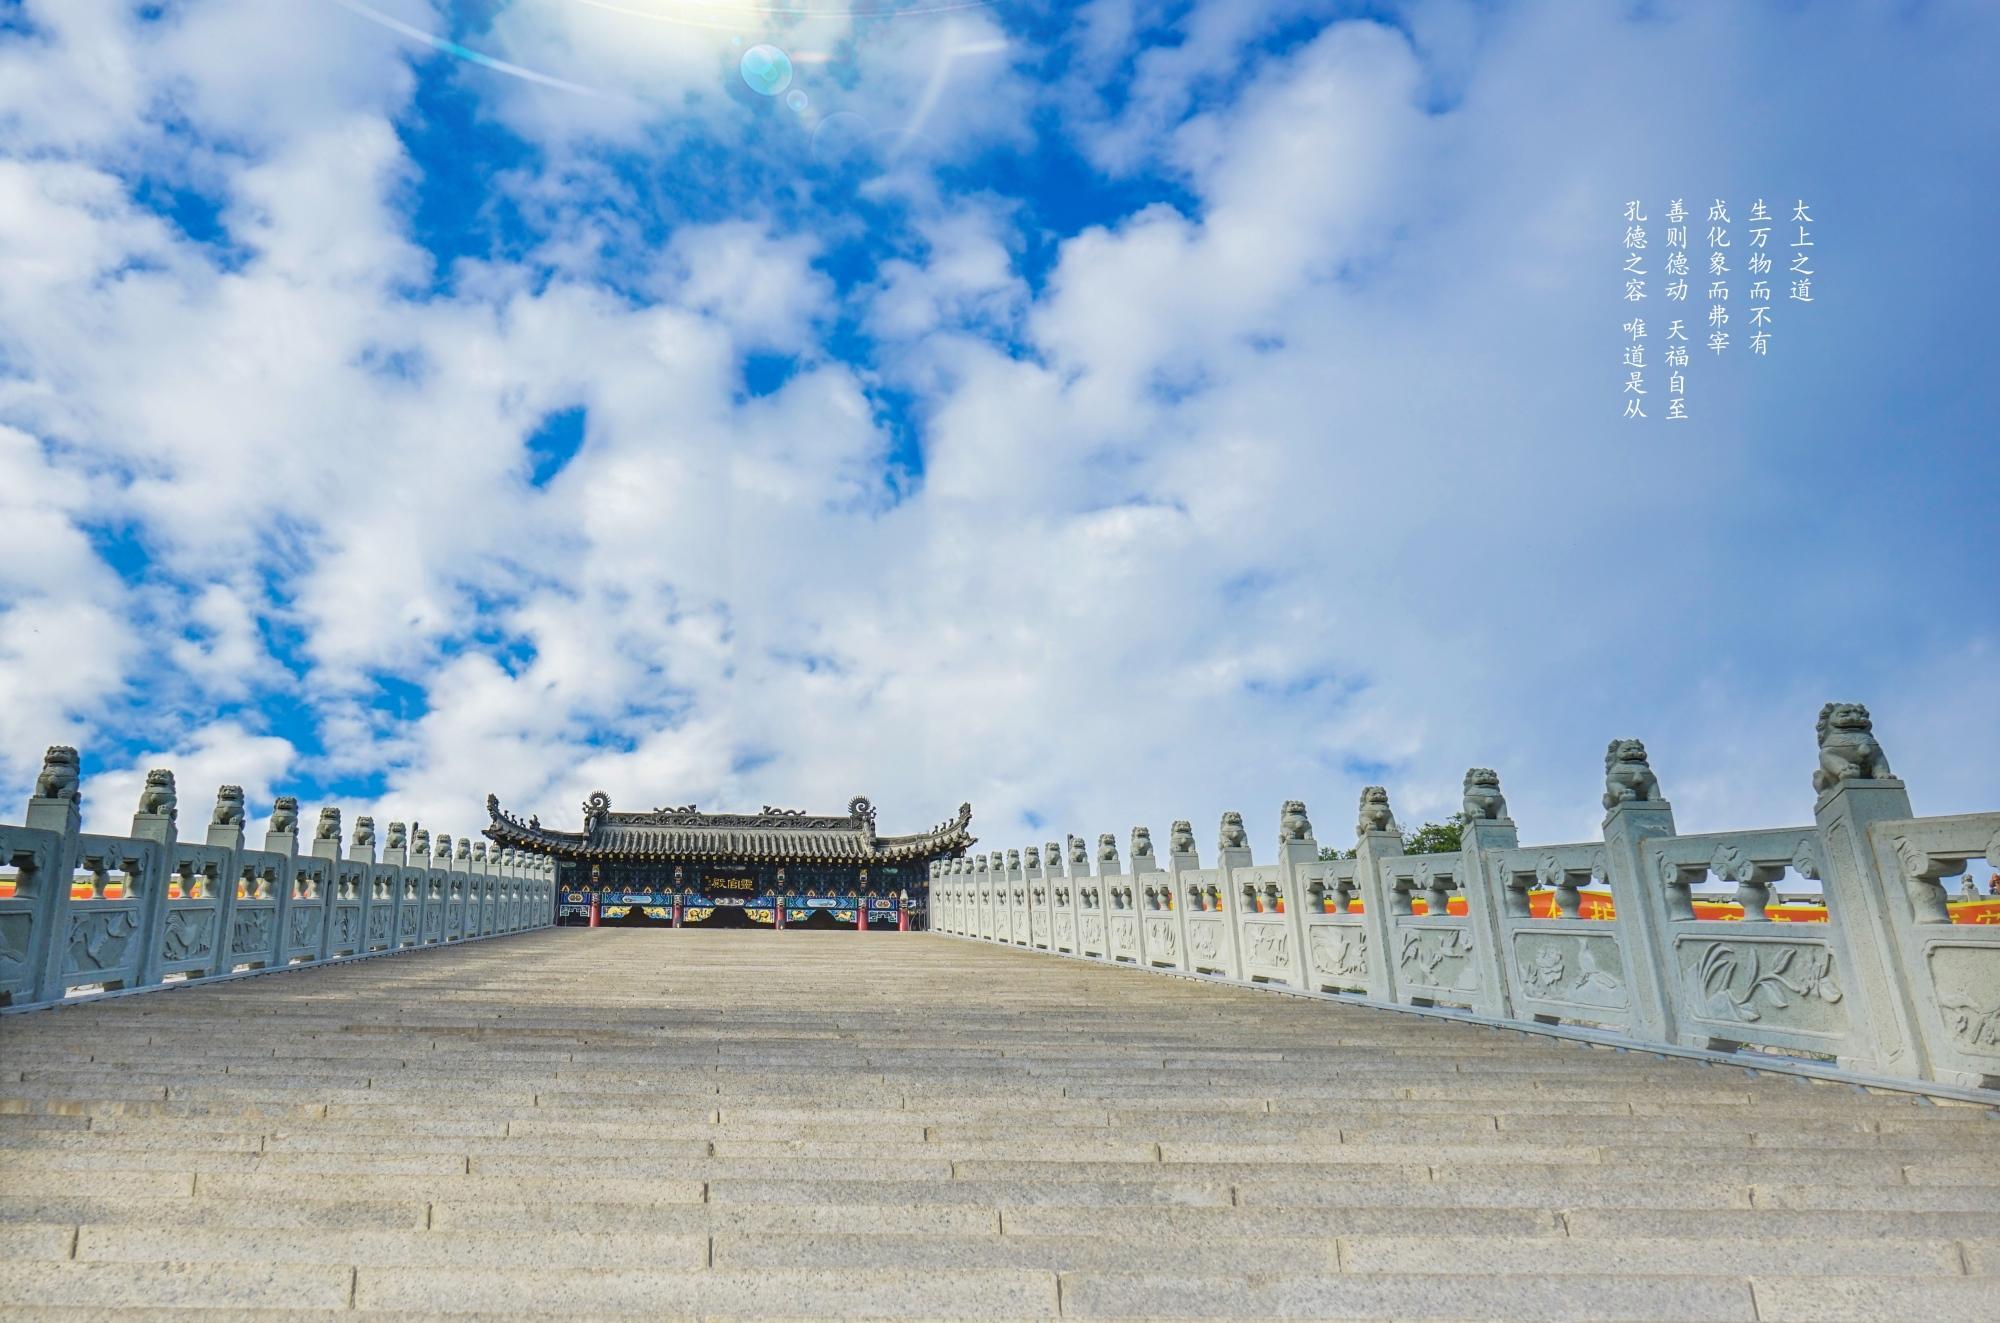 真风阐化:纪念北武当玄帝观复建12周年(下)